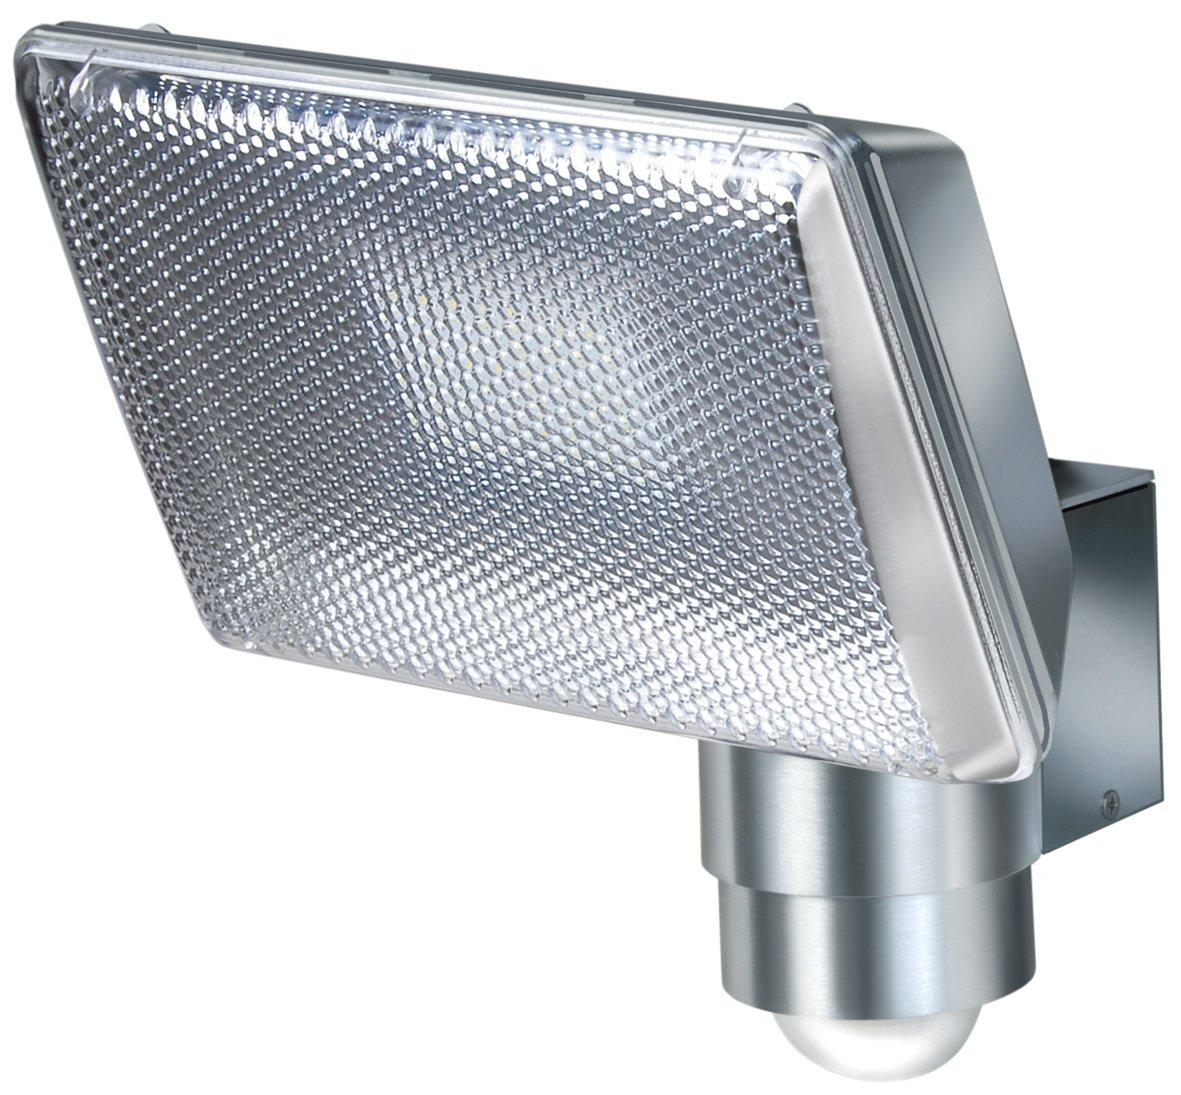 Brennenstuhl Power LED-Strahler / LED-Leuchte mit Aluminium-Gehäuse für außen und innen mit Bewegungsmelder (IP44 geschützt, stoßfest und drehbar) [Energieklasse A] stoßfest und drehbar) 1173350